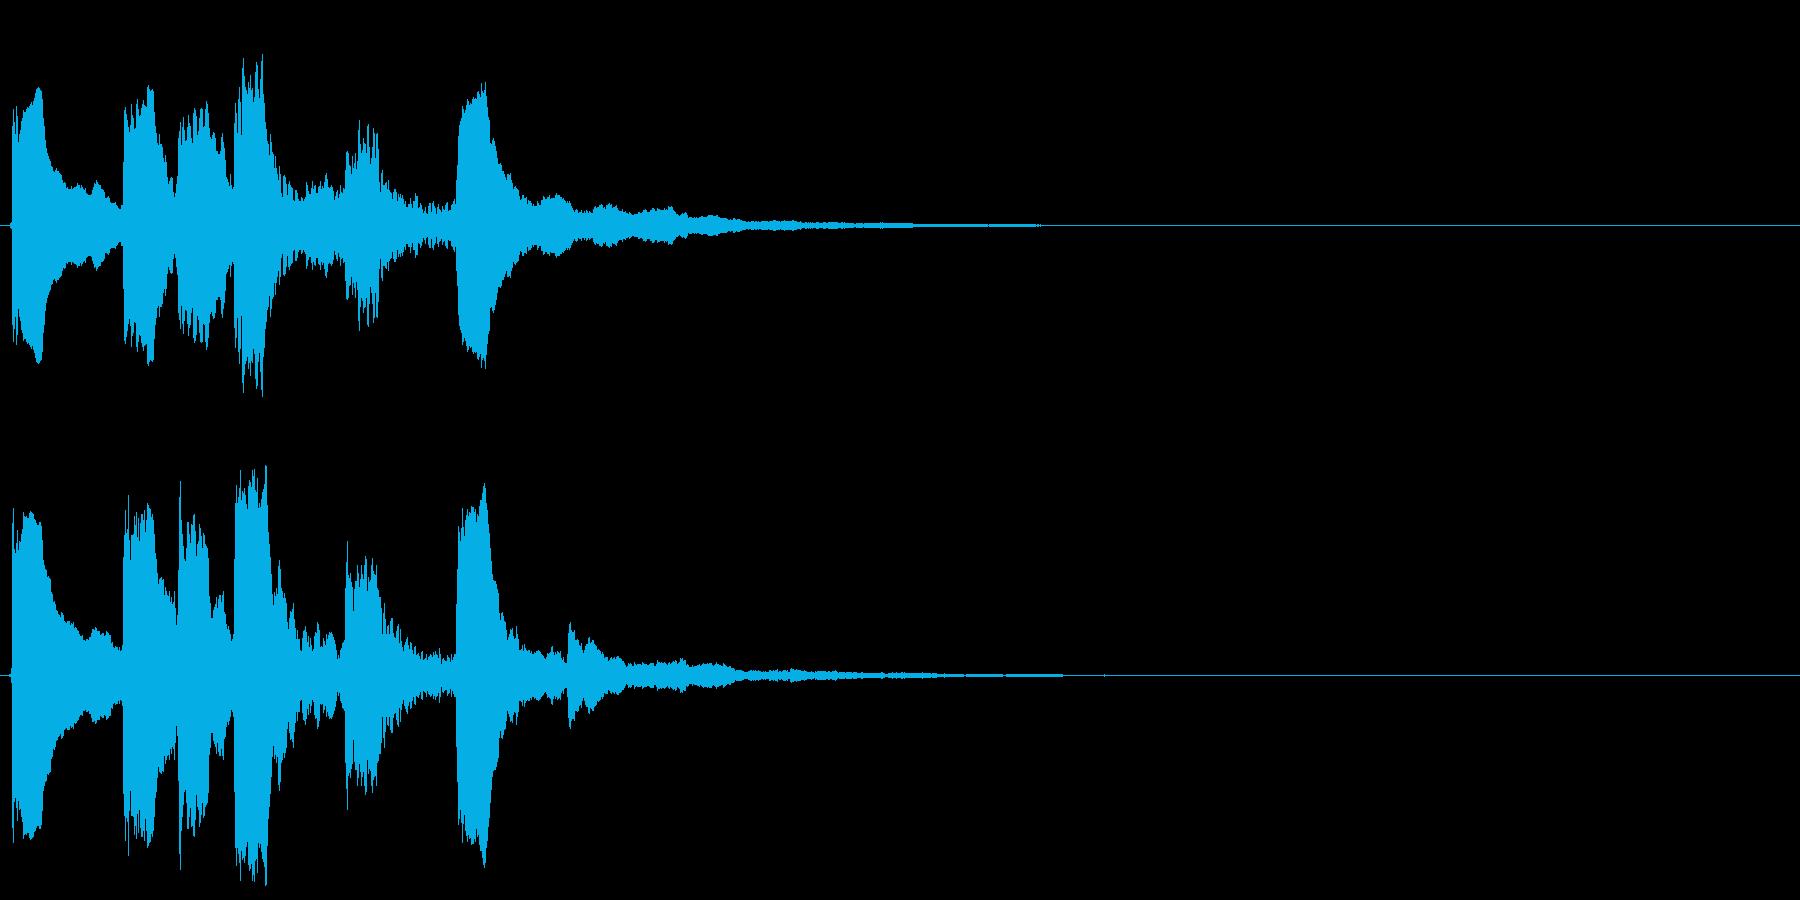 4,明るめのサウンドロゴ (3秒ロゴ)の再生済みの波形